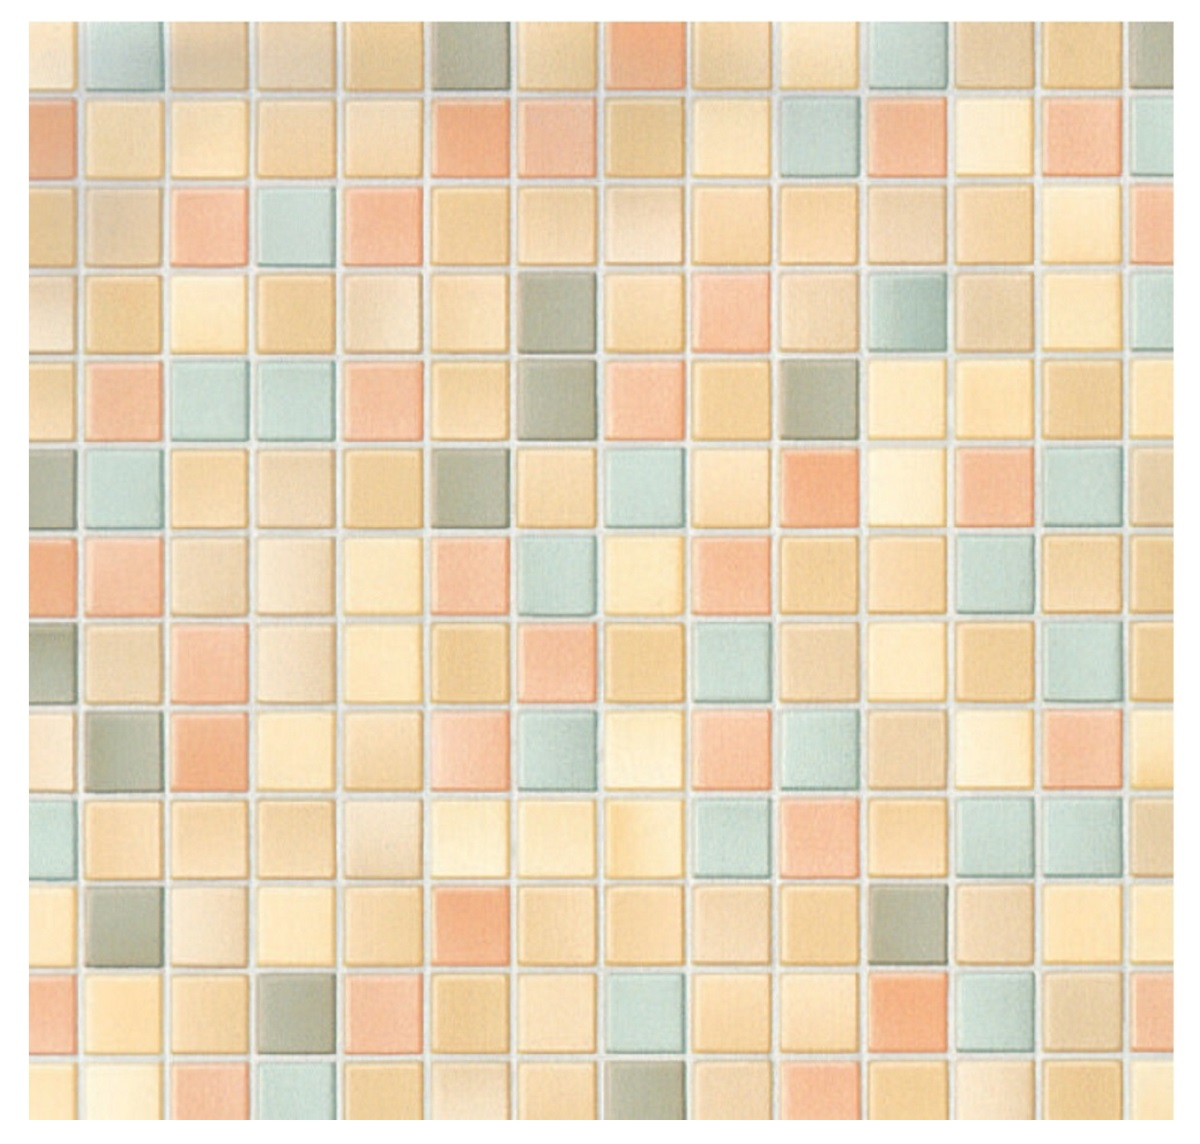 Klebefolie steinoptik mosaik pienza m belfolie 45x200 cm folie selbstklebend ebay - Selbstklebefolie mosaik ...